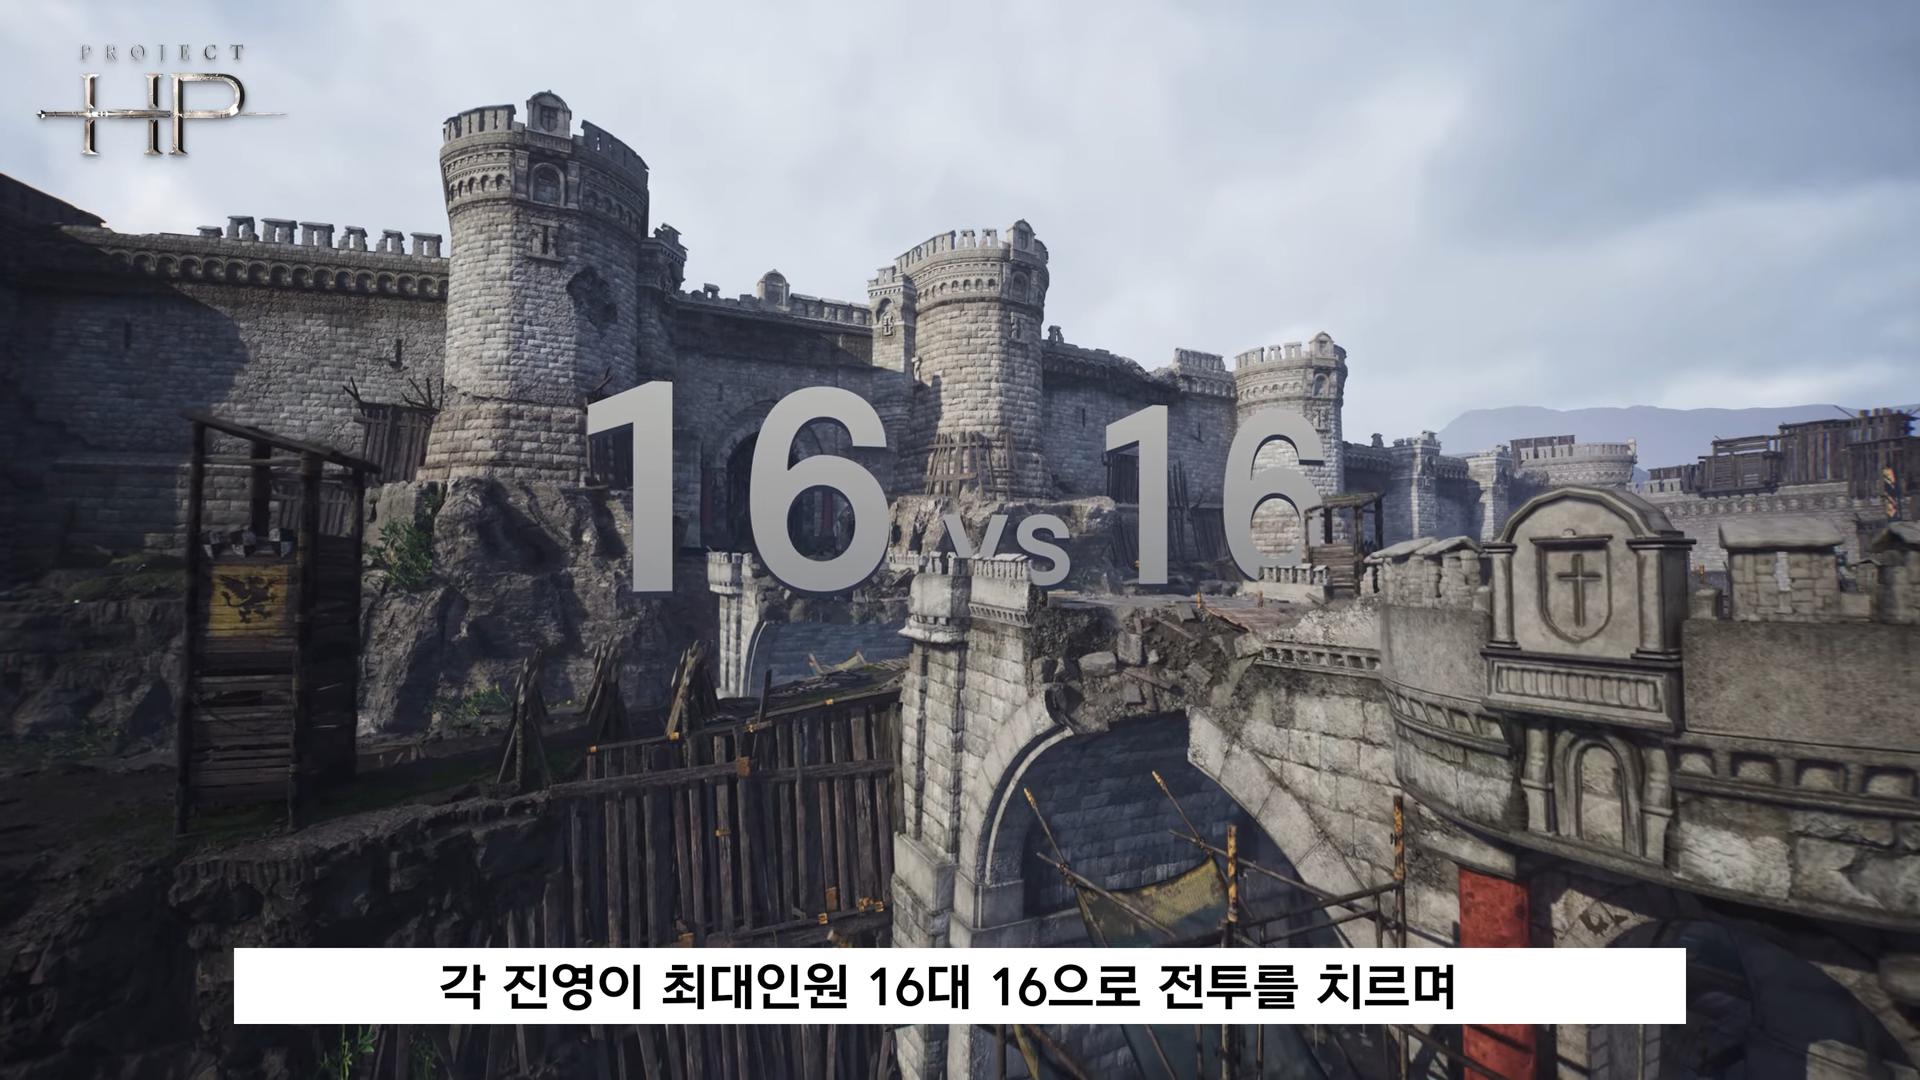 [프로젝트 HP (가제)] 모샤발크 (진격전) 전투 가이드 (4K 60fps) 0-9 screenshot.png